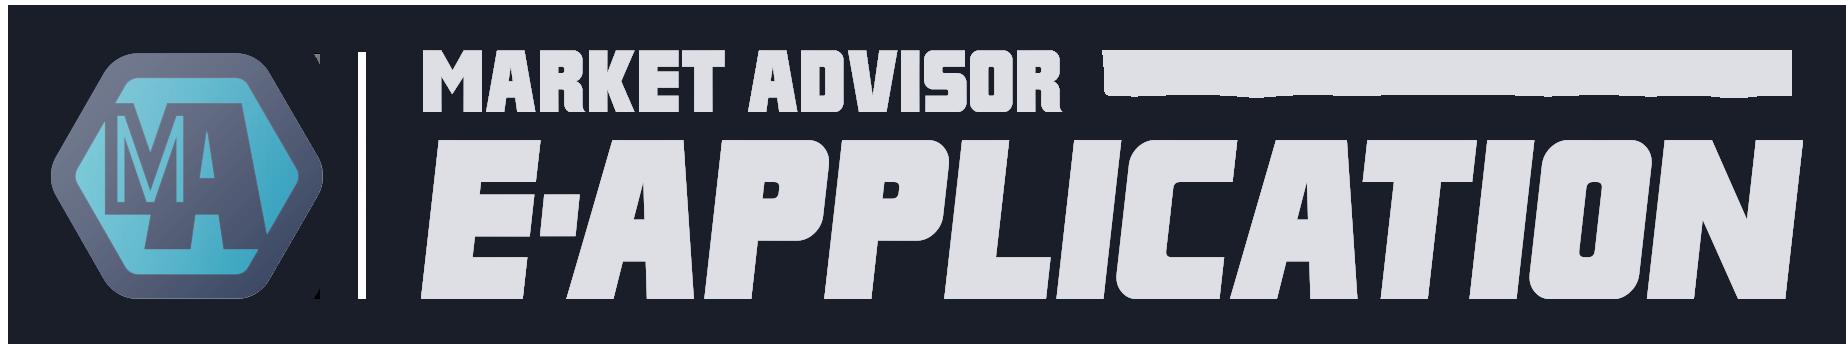 eapp-lite-logo